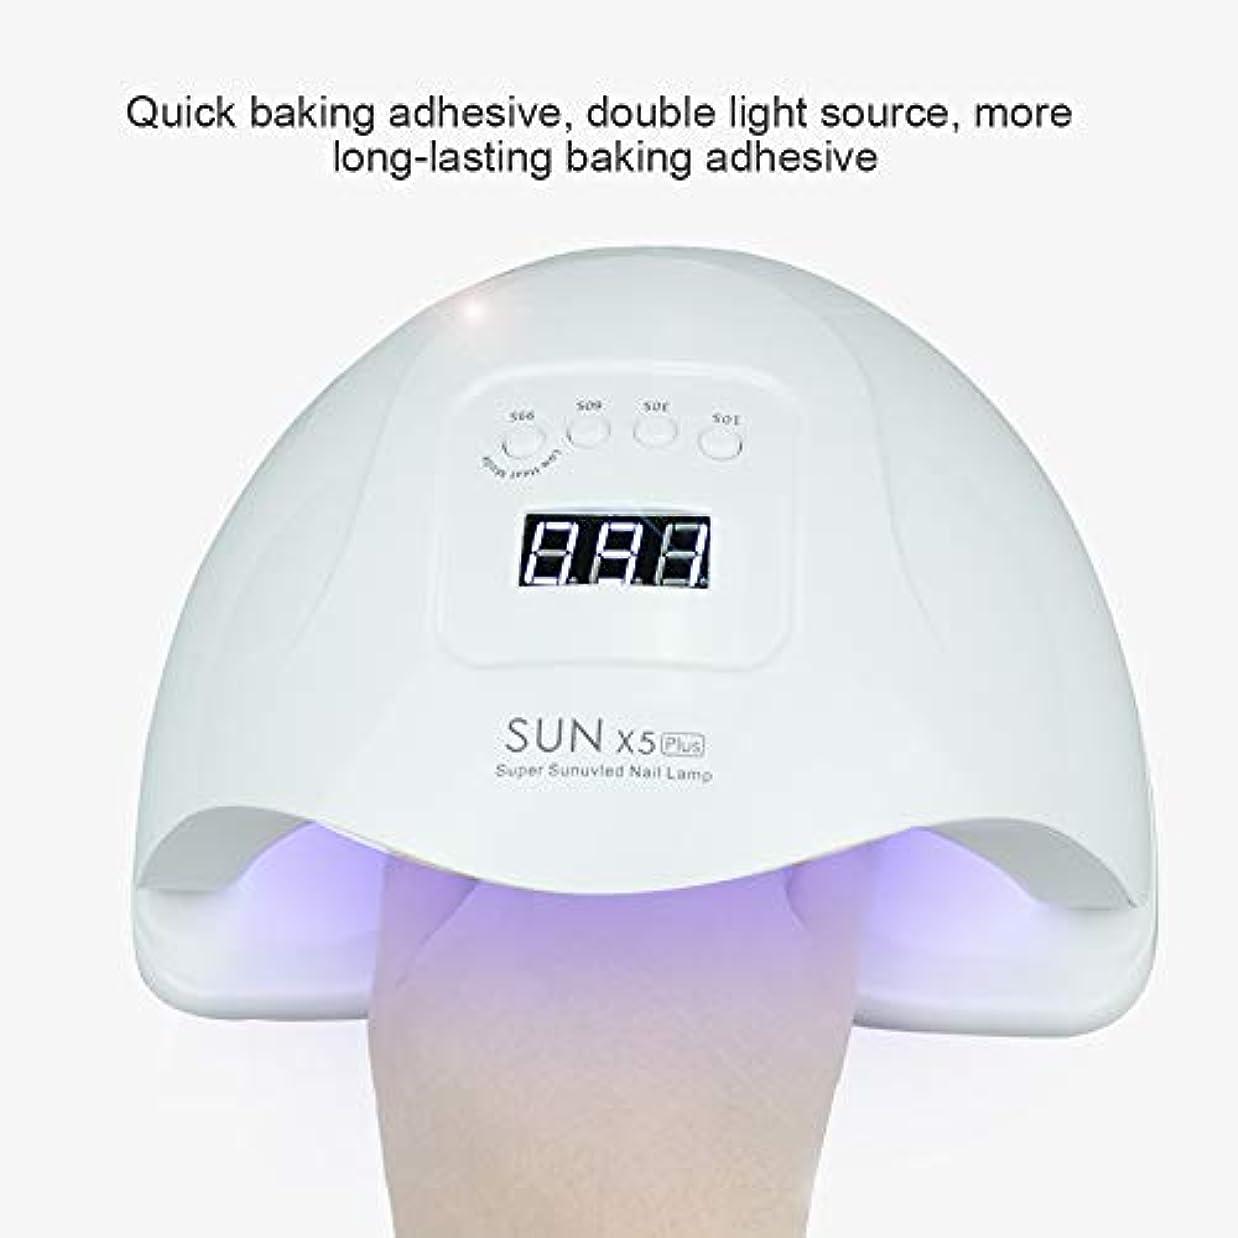 すばらしいです規則性部分的Decdeal ネイルドライヤー 80W UVランプ LEDランプ ネイルネイルドライヤーアートツール用 スマートポーランドセンサーライト